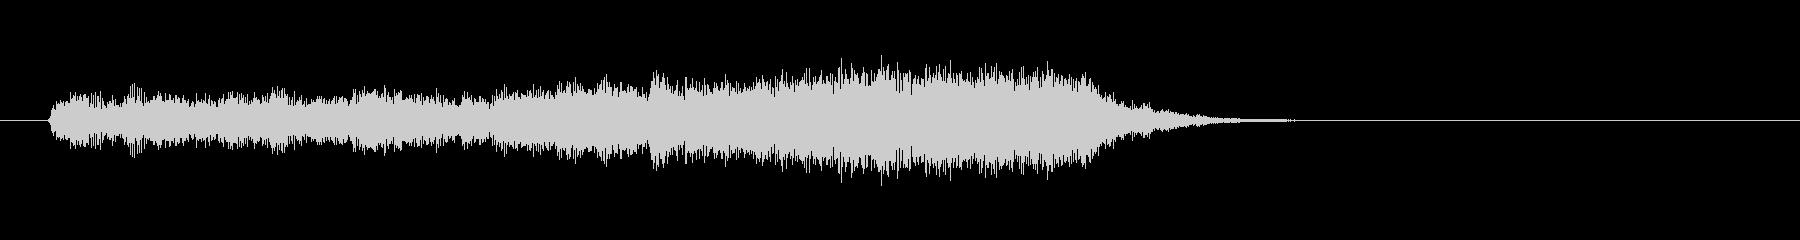 テーマ10:フルミックスの未再生の波形